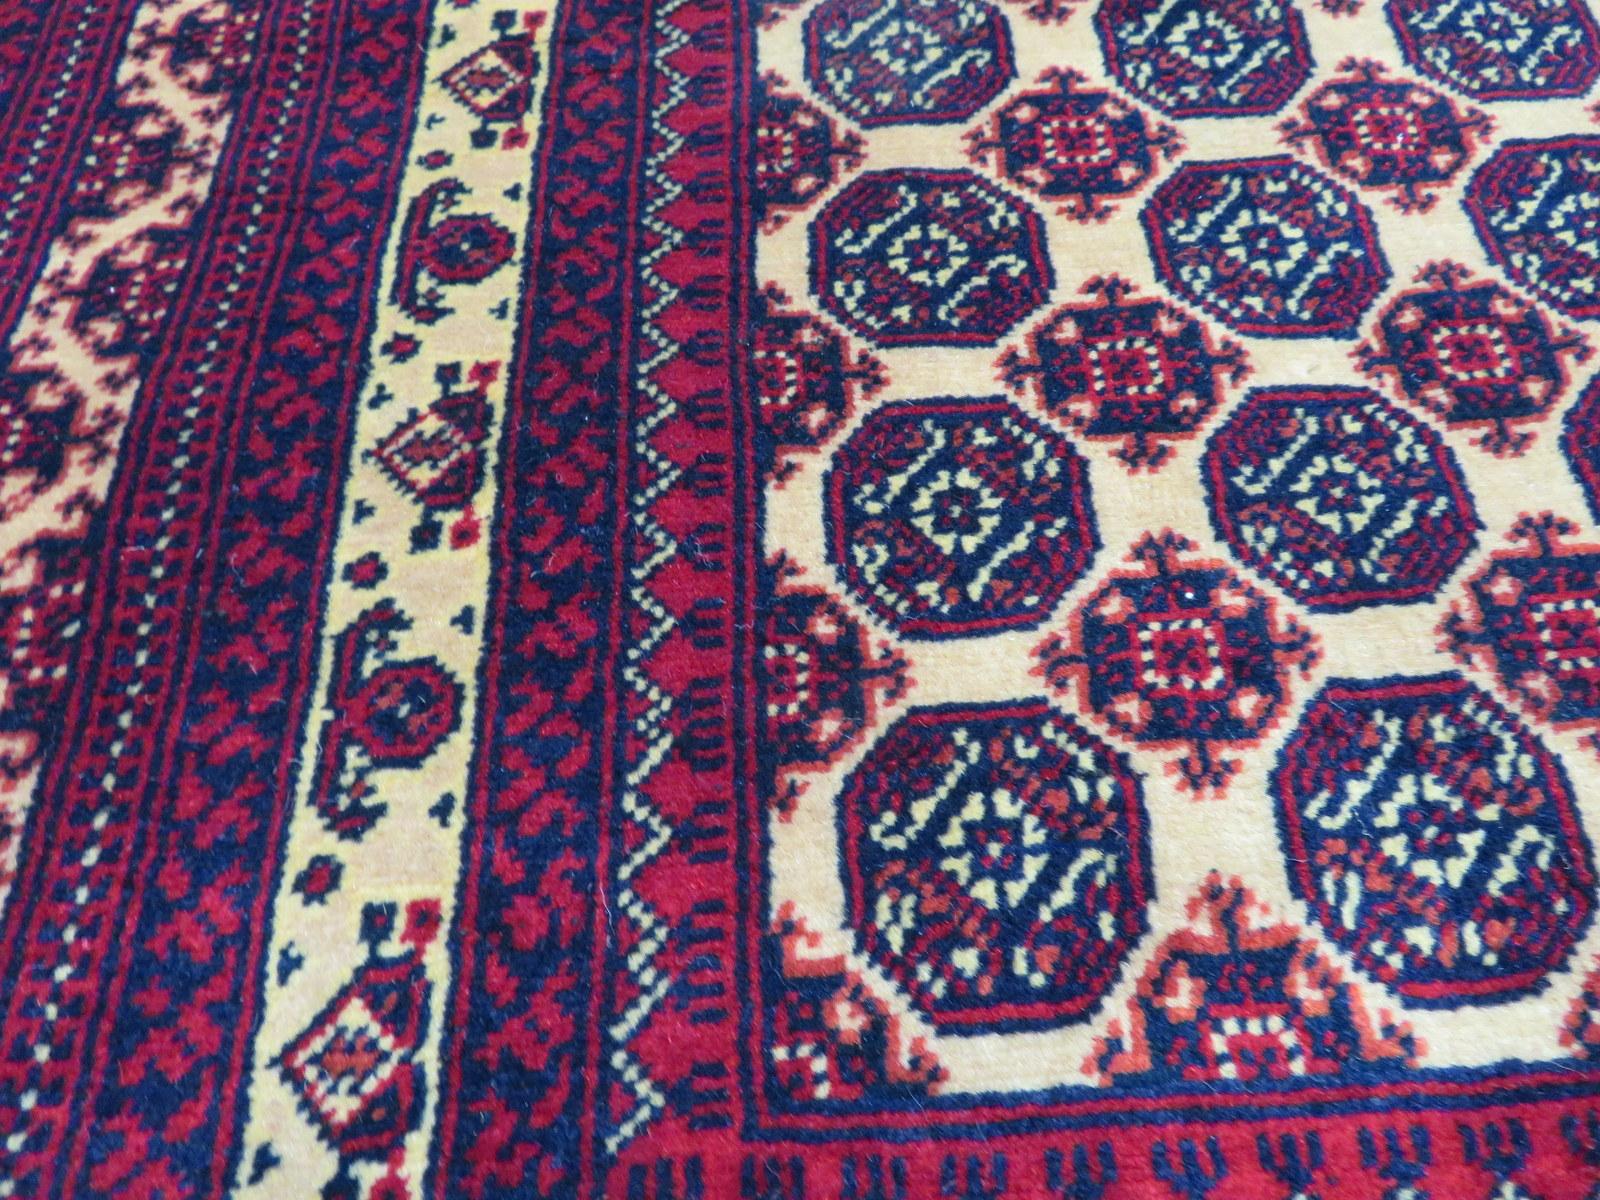 Lot 1 - Khal Mohammadi 'Khawaja Roshnai' Afghan rug measures 3.5m L x 2.5m W